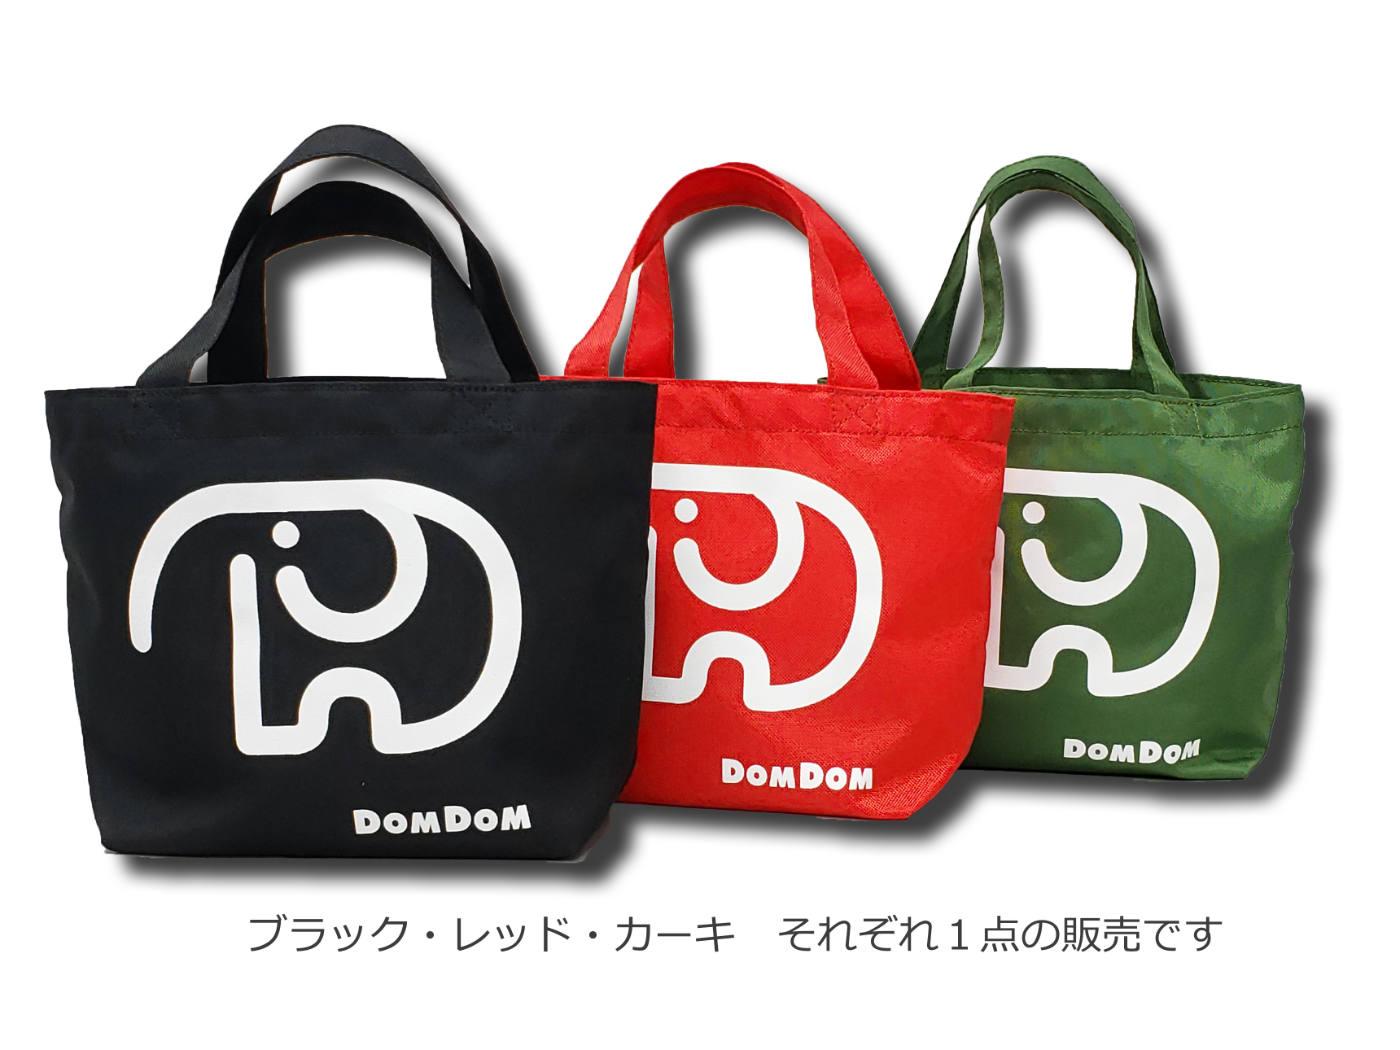 ドムドム50周年グッズのミニトートバッグ、カラーによって素材に違いあり